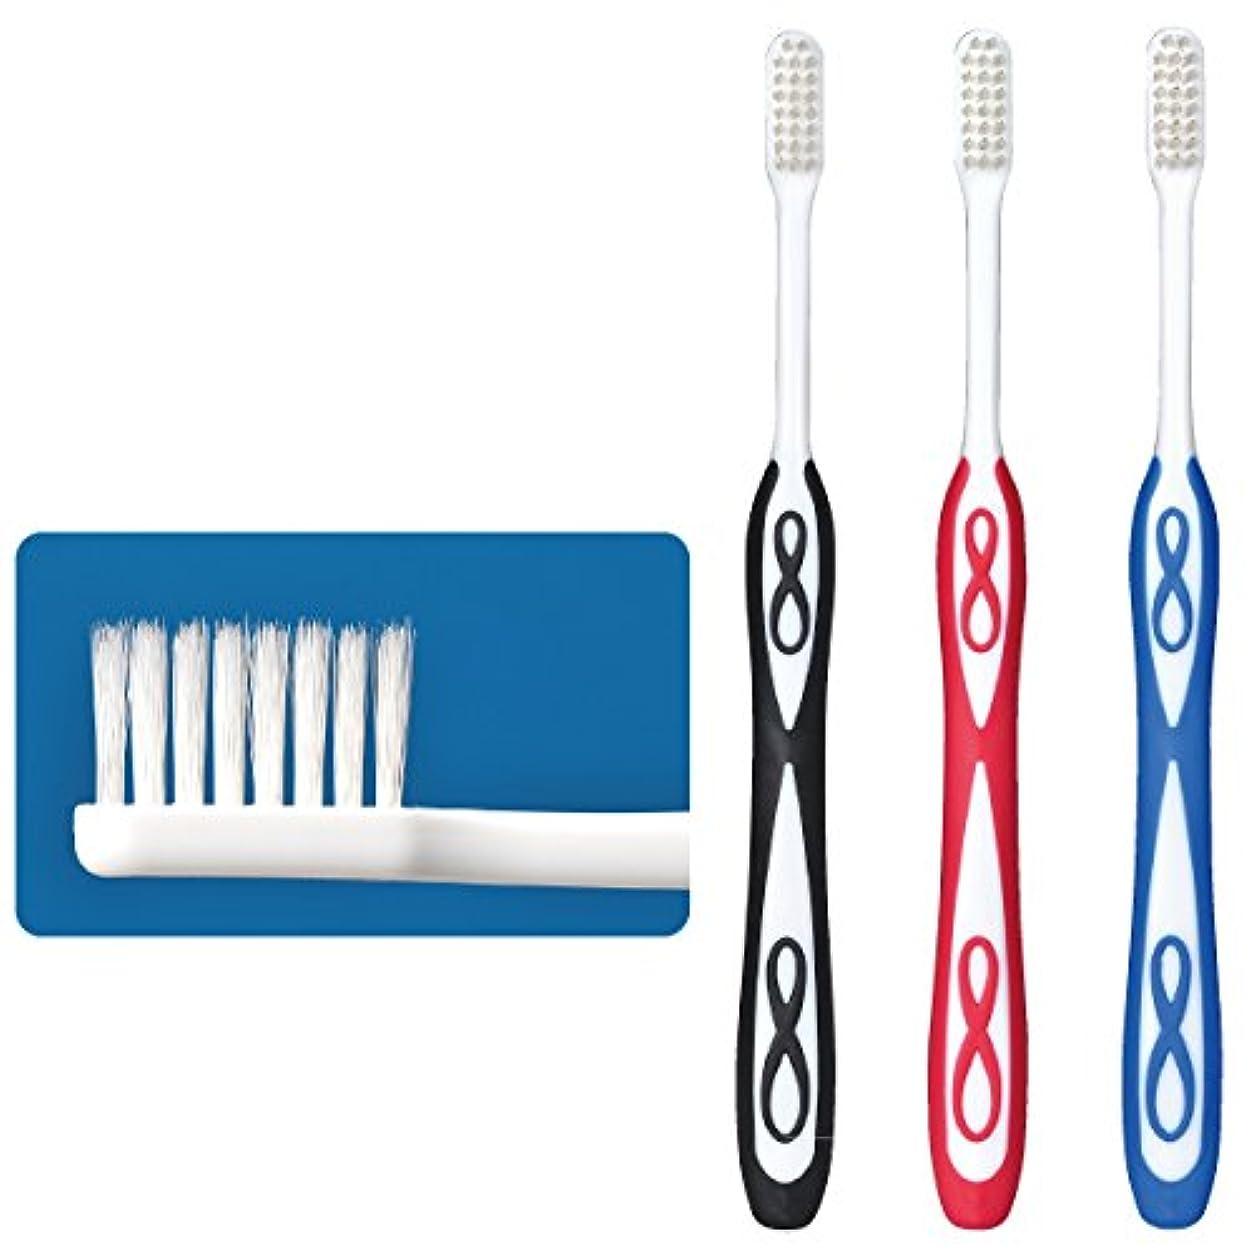 農夫自分のために神秘的なLover8(ラバーエイト)歯ブラシ レギュラータイプ オールテーパー毛 Mふつう 3本入